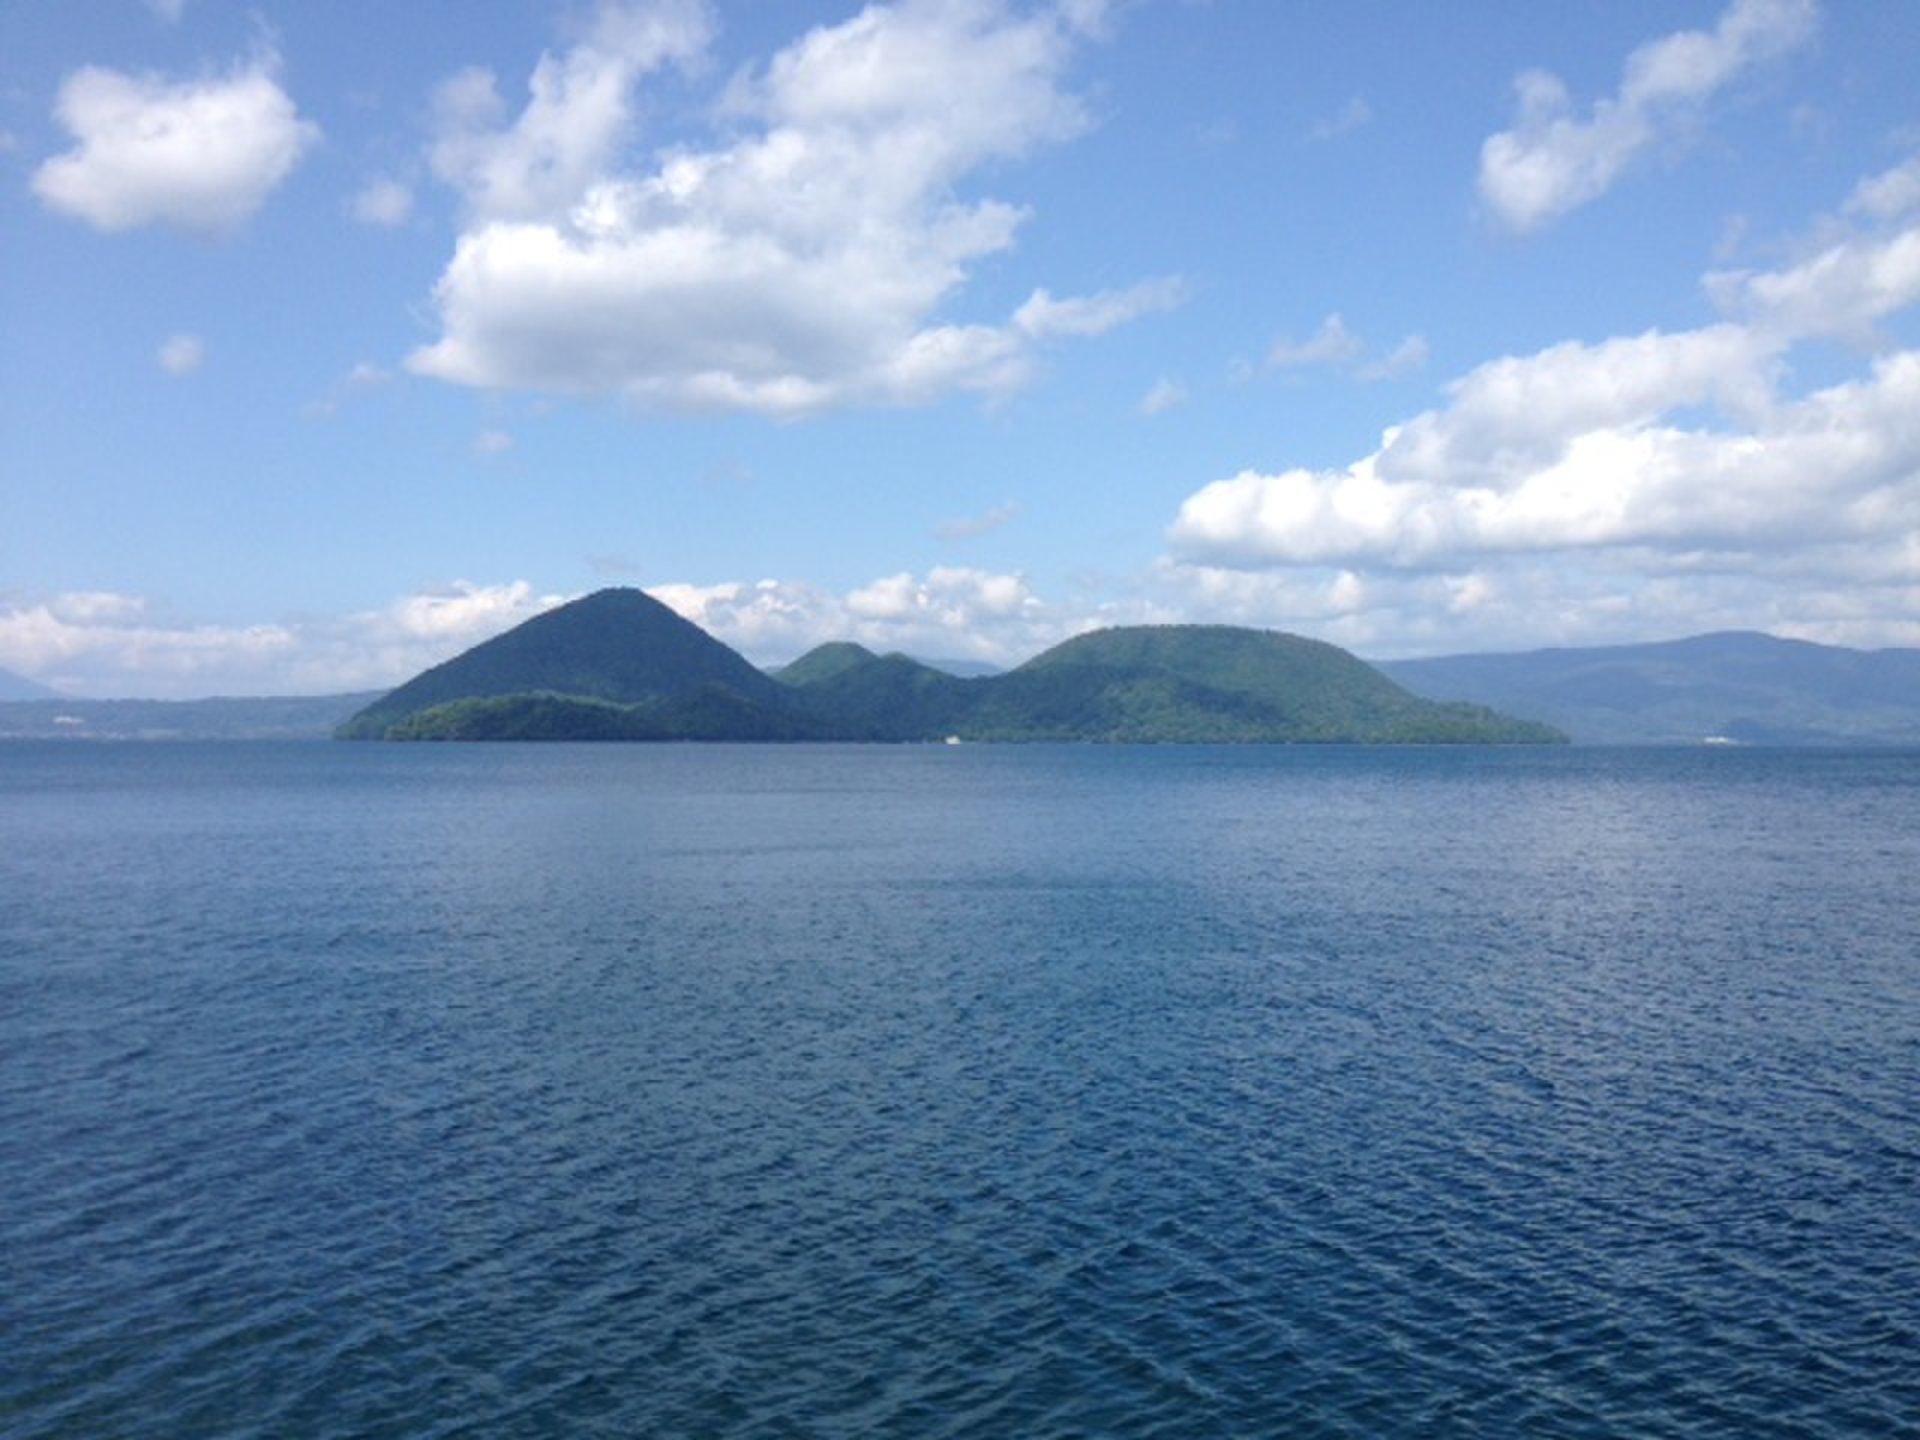 冬の洞爺湖おすすめ観光スポット15選!温泉リゾートで癒し旅♪